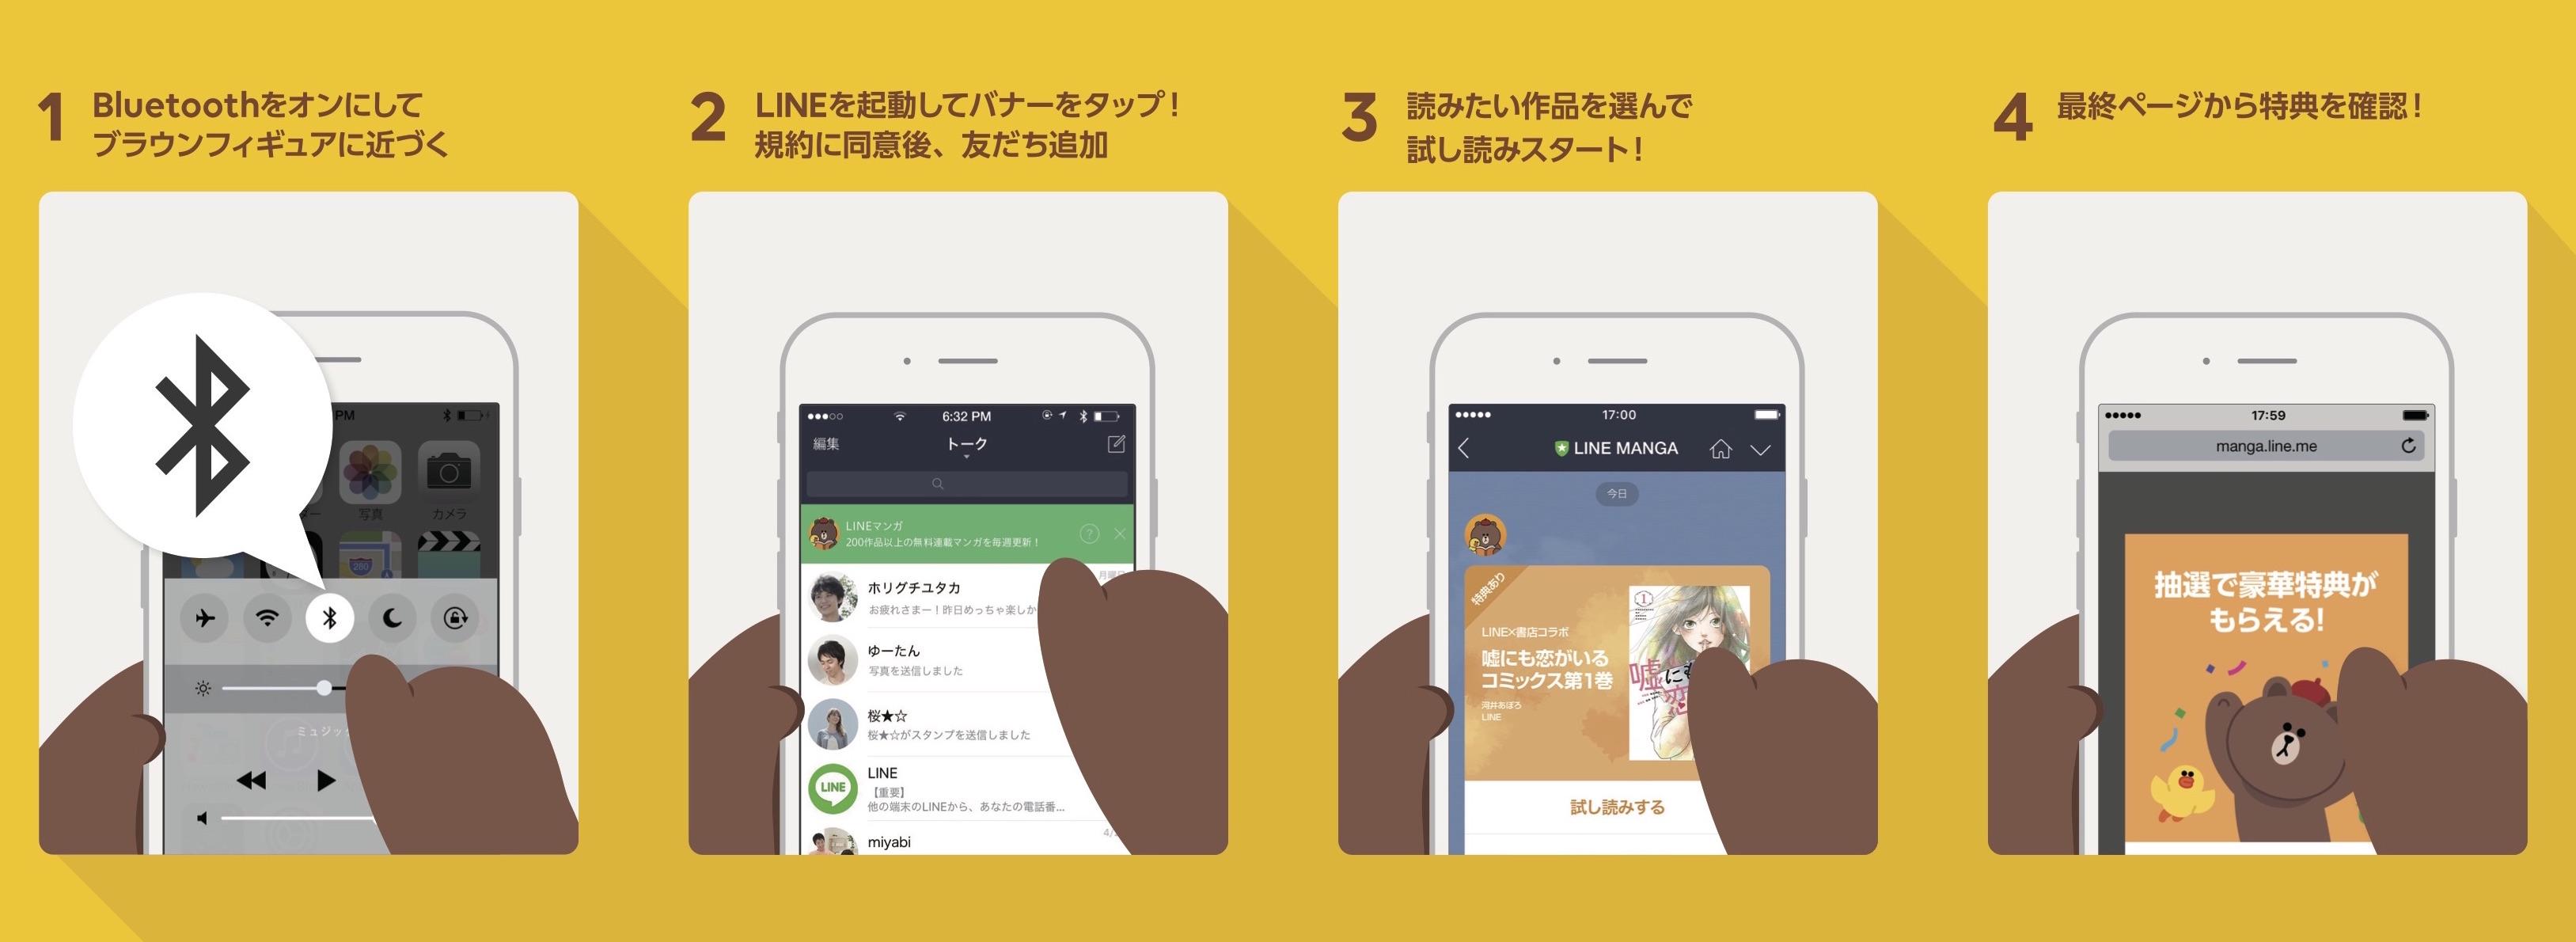 /stf/linecorp/ja/pr/tameshiyomi_flow.jpg